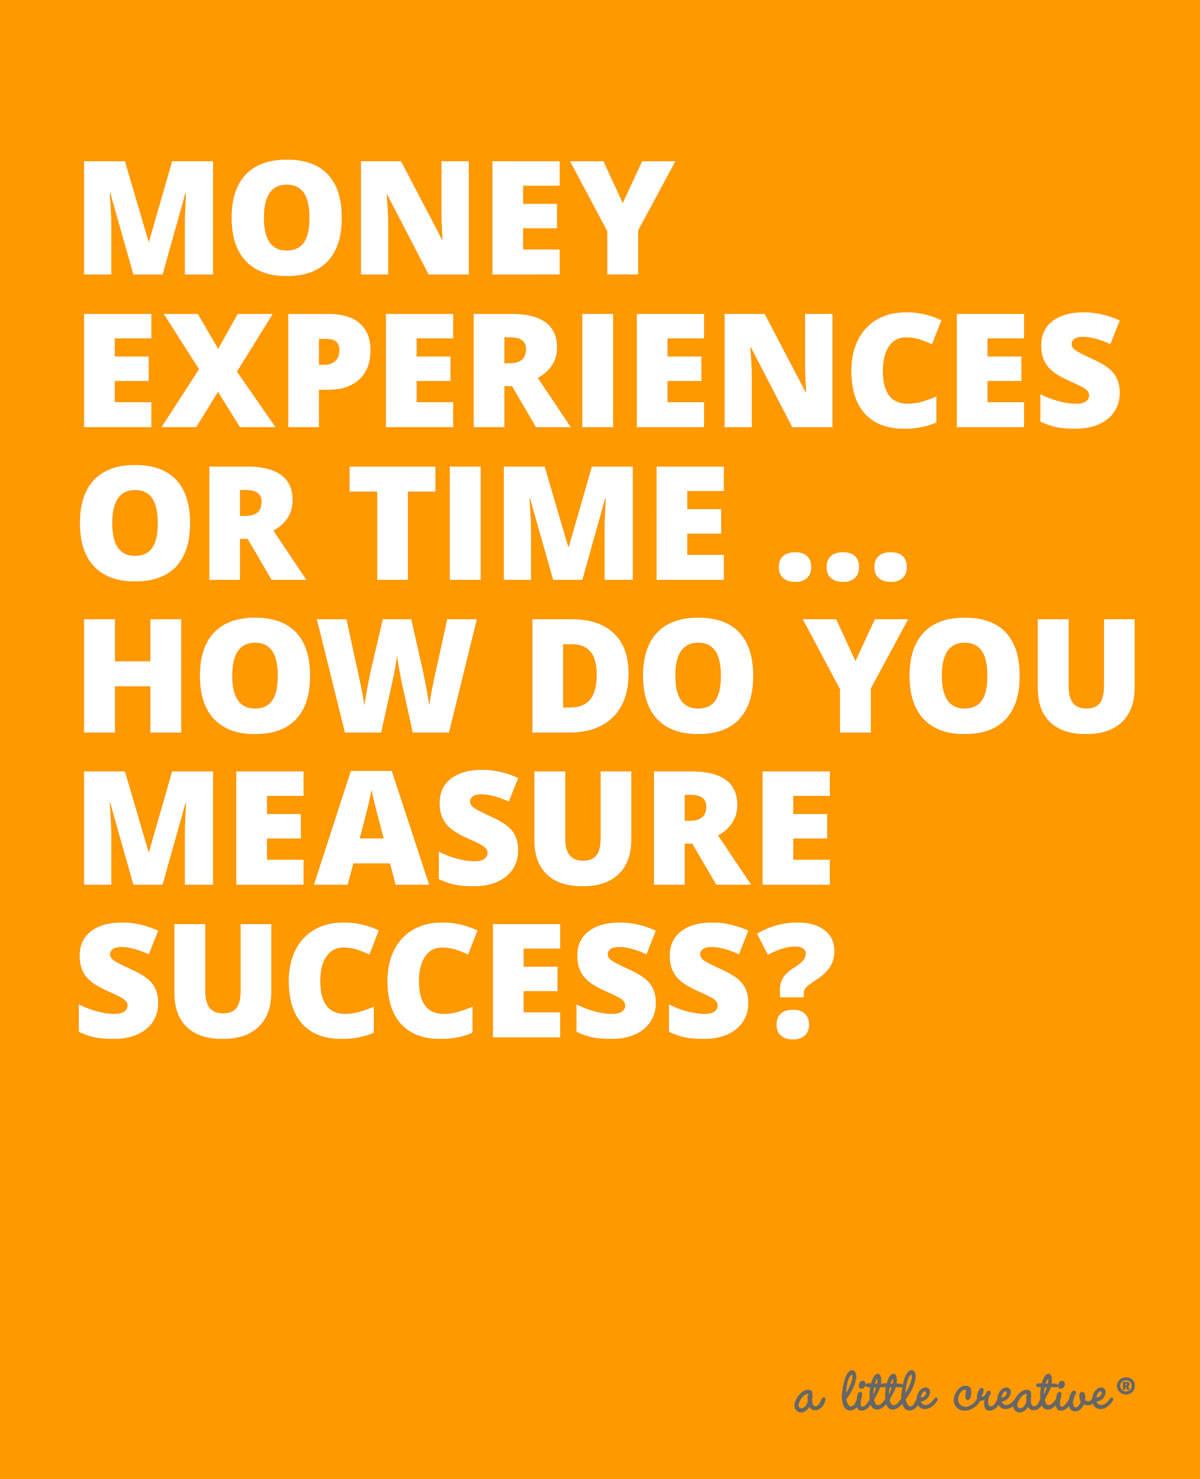 measure of success / a little creative